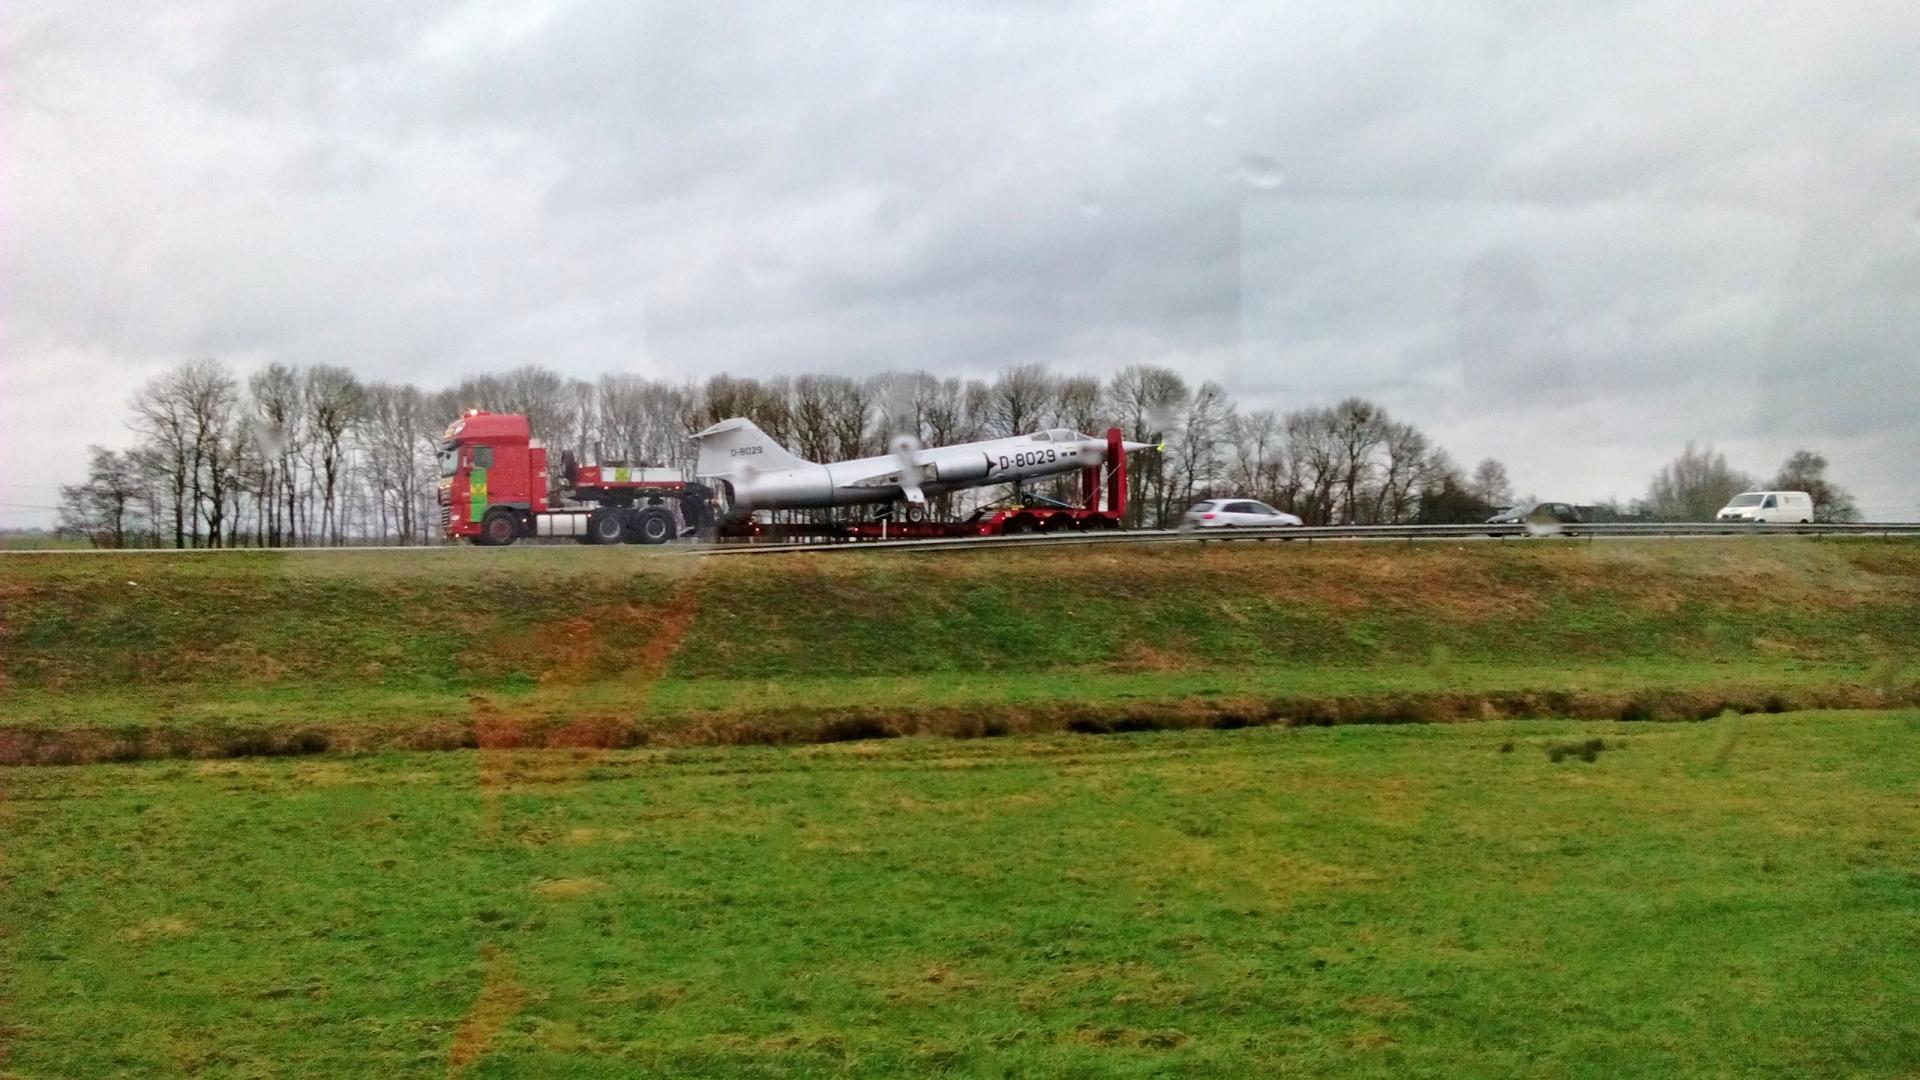 Bijzonder transport: straaljager op dieplader van Hasselt naar Zwolle